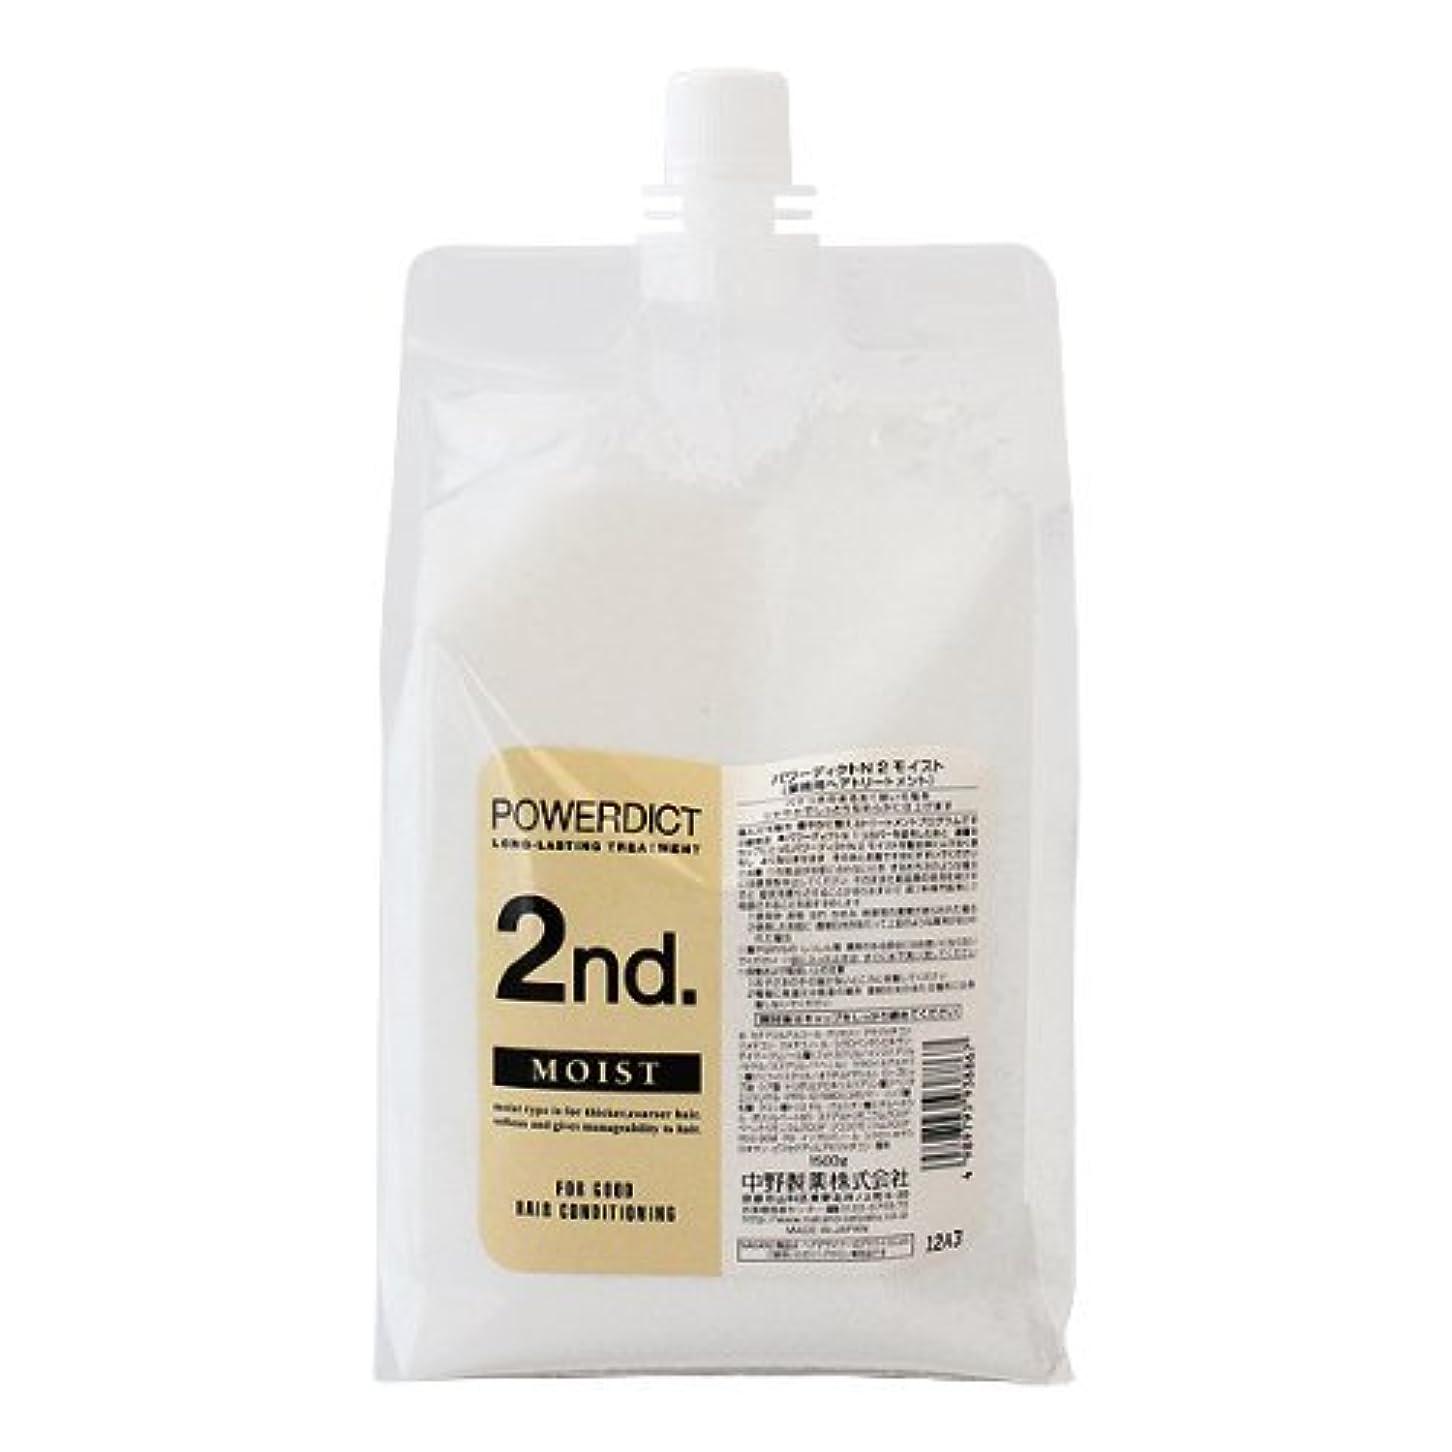 アナニバーごみ同化する中野製薬 パワーディクトN 2 モイスト 1500g